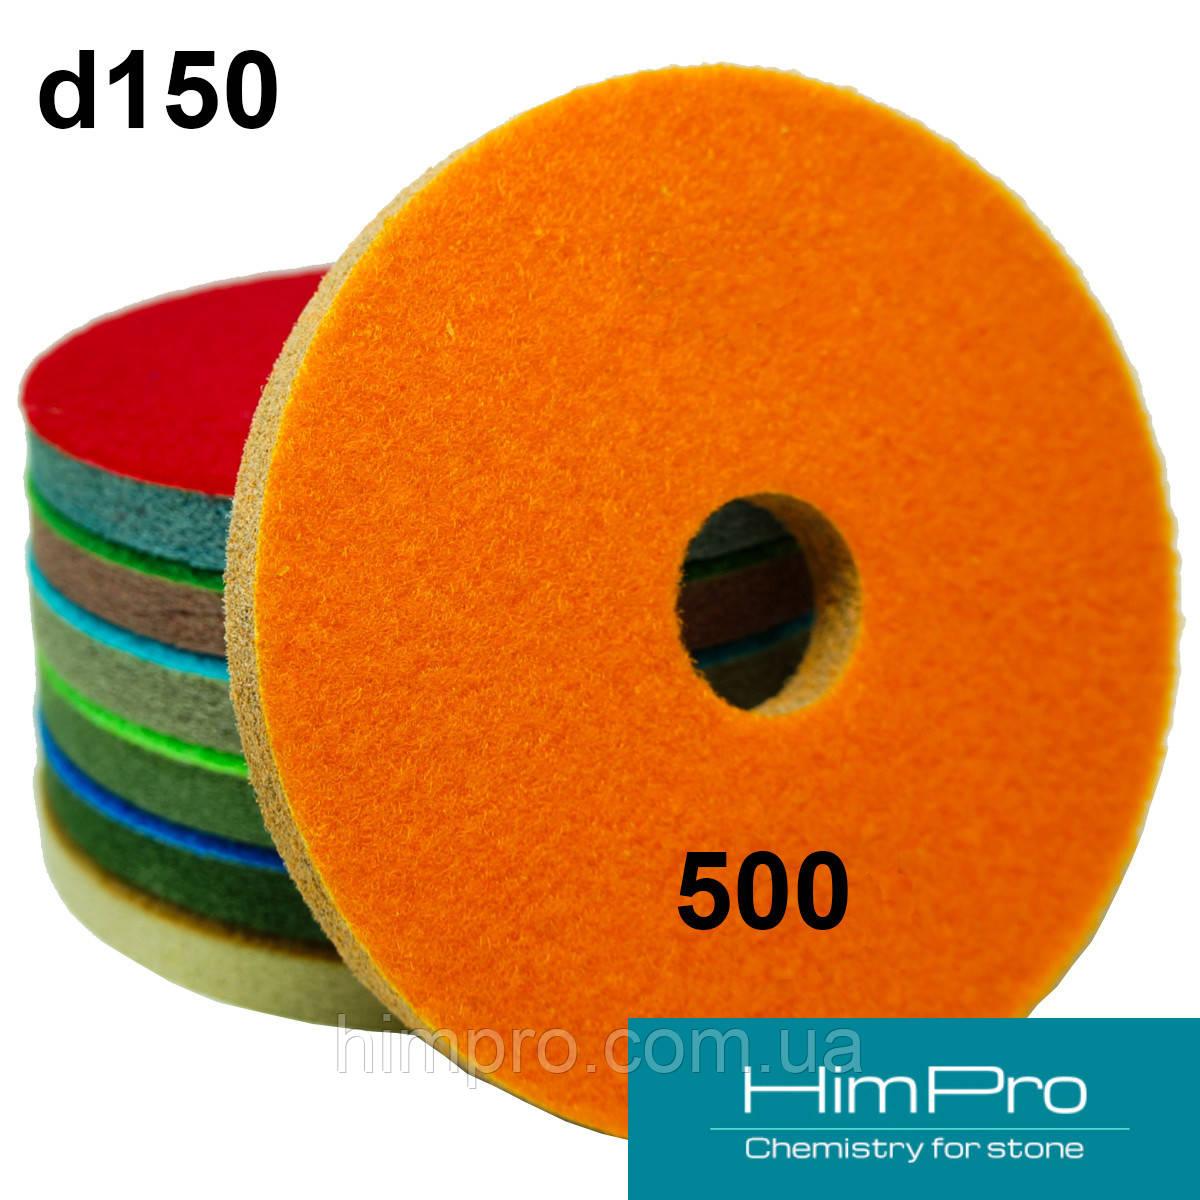 Алмазные спонжи d150 C500